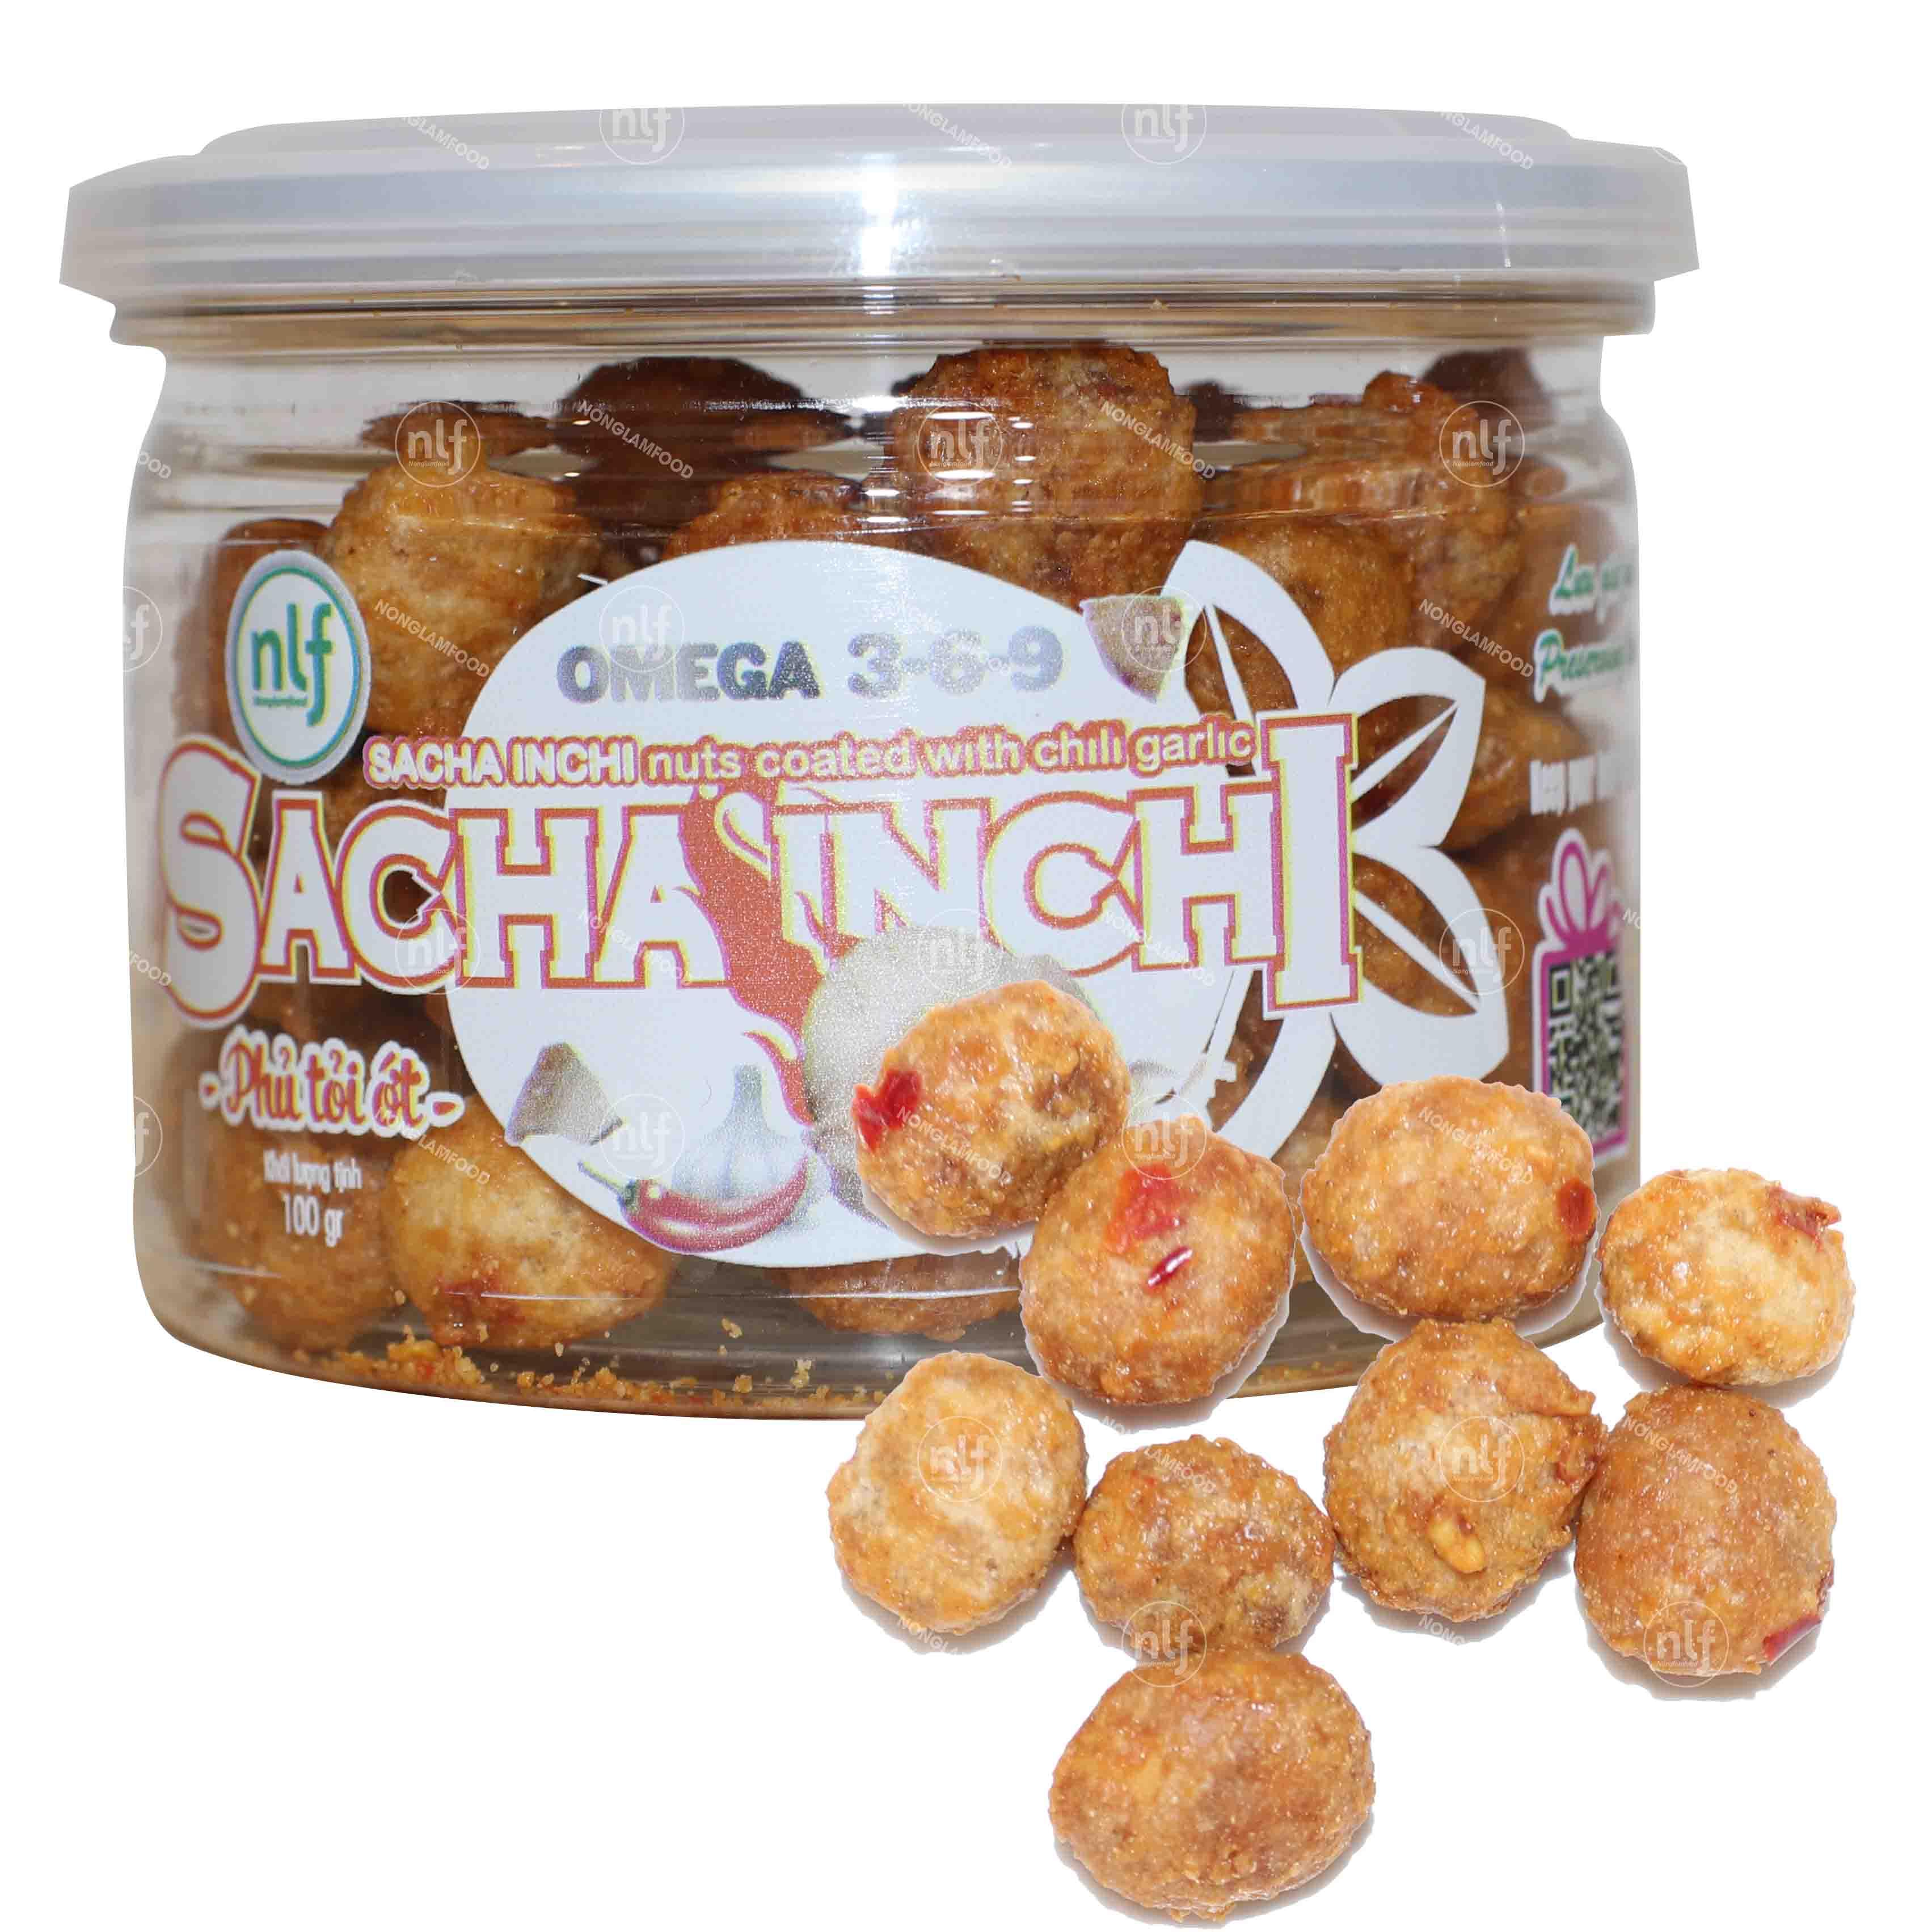 Sacha Inchi nuts coated with chili garlic